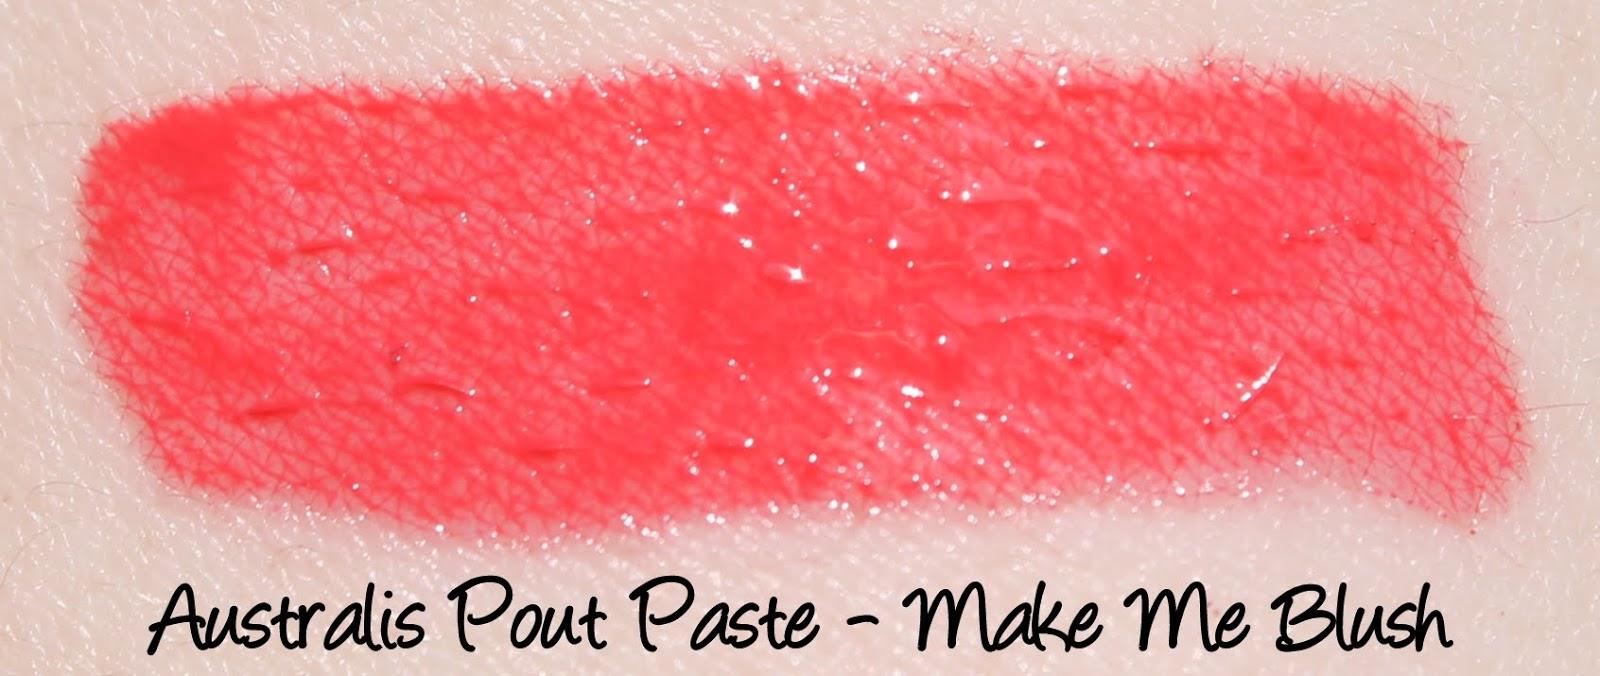 Australis Pout Paste - Make Me Blush Swatches & Review